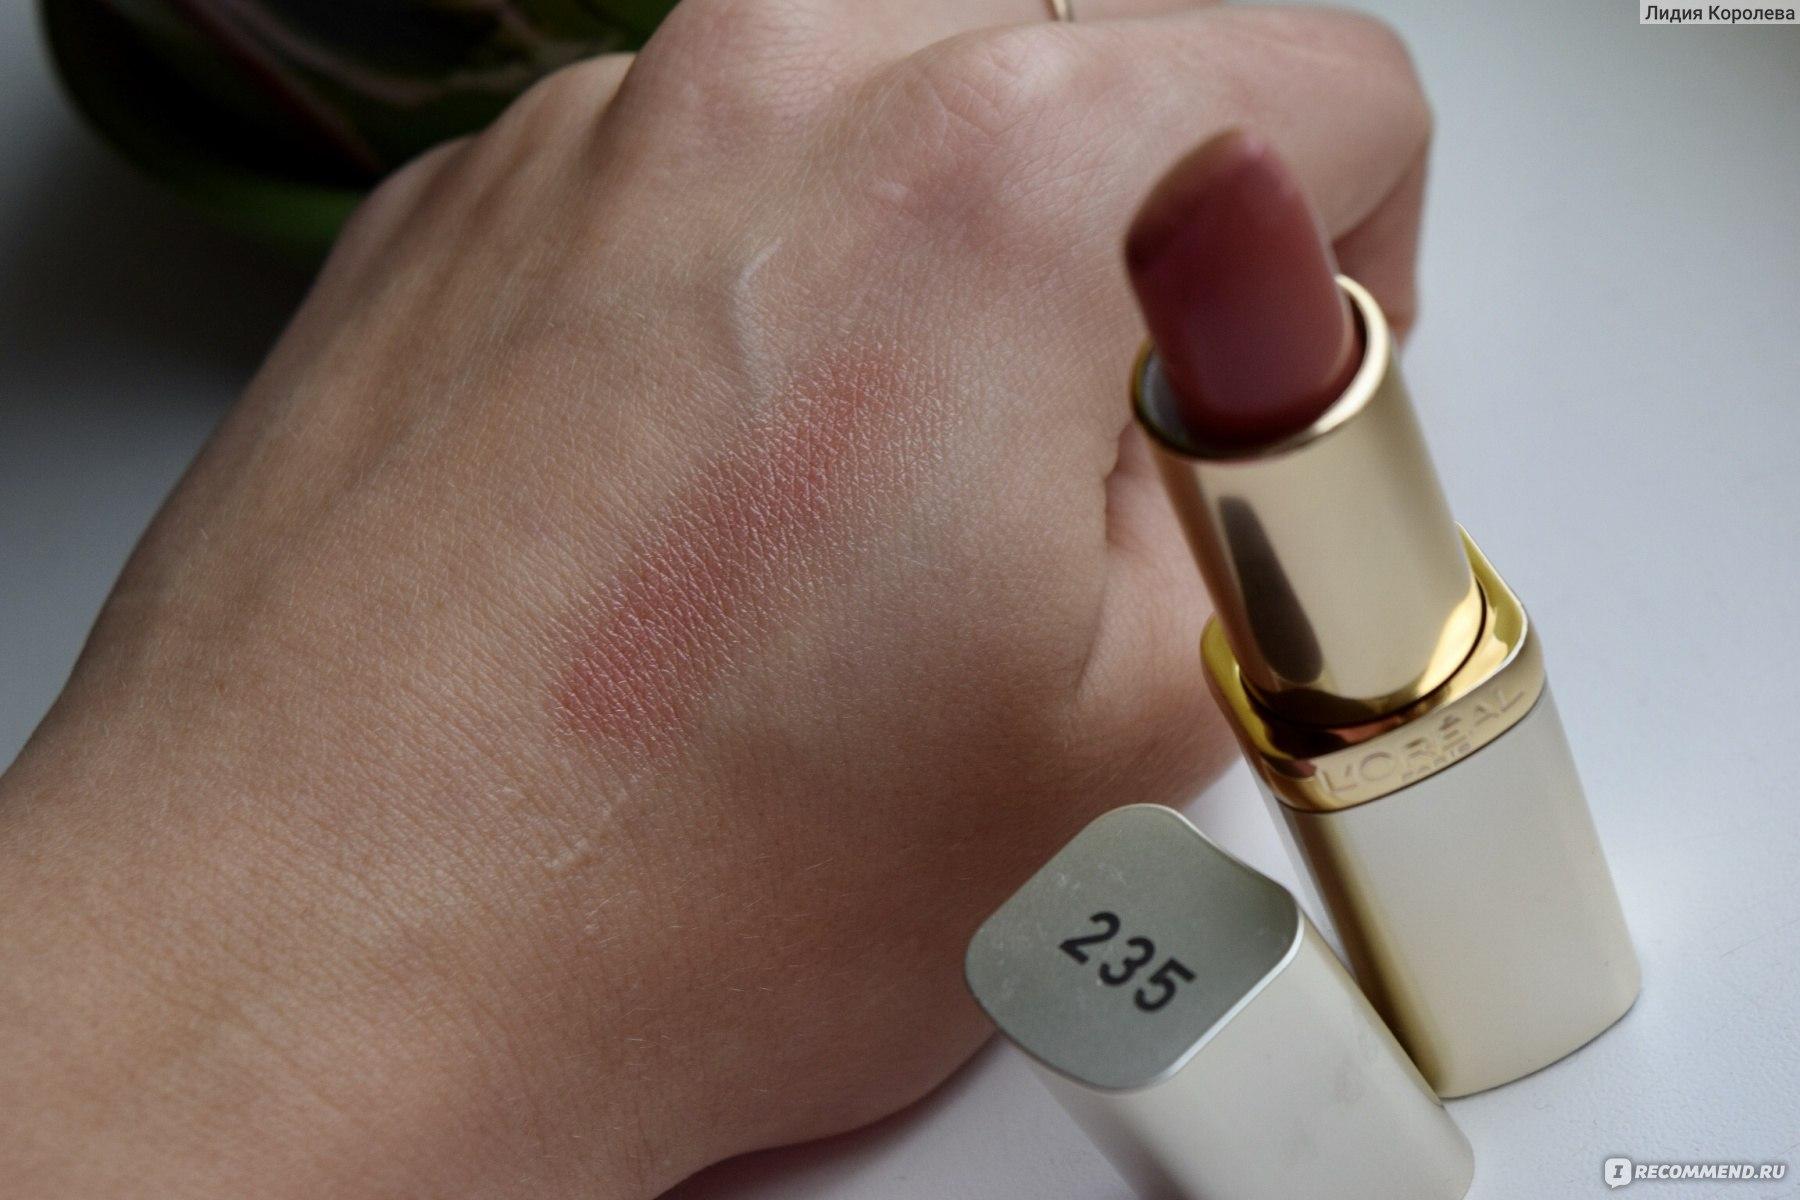 Матовая помада лореаль колор риш (loreal color riche) – палитра оттенков для губ и отзывы